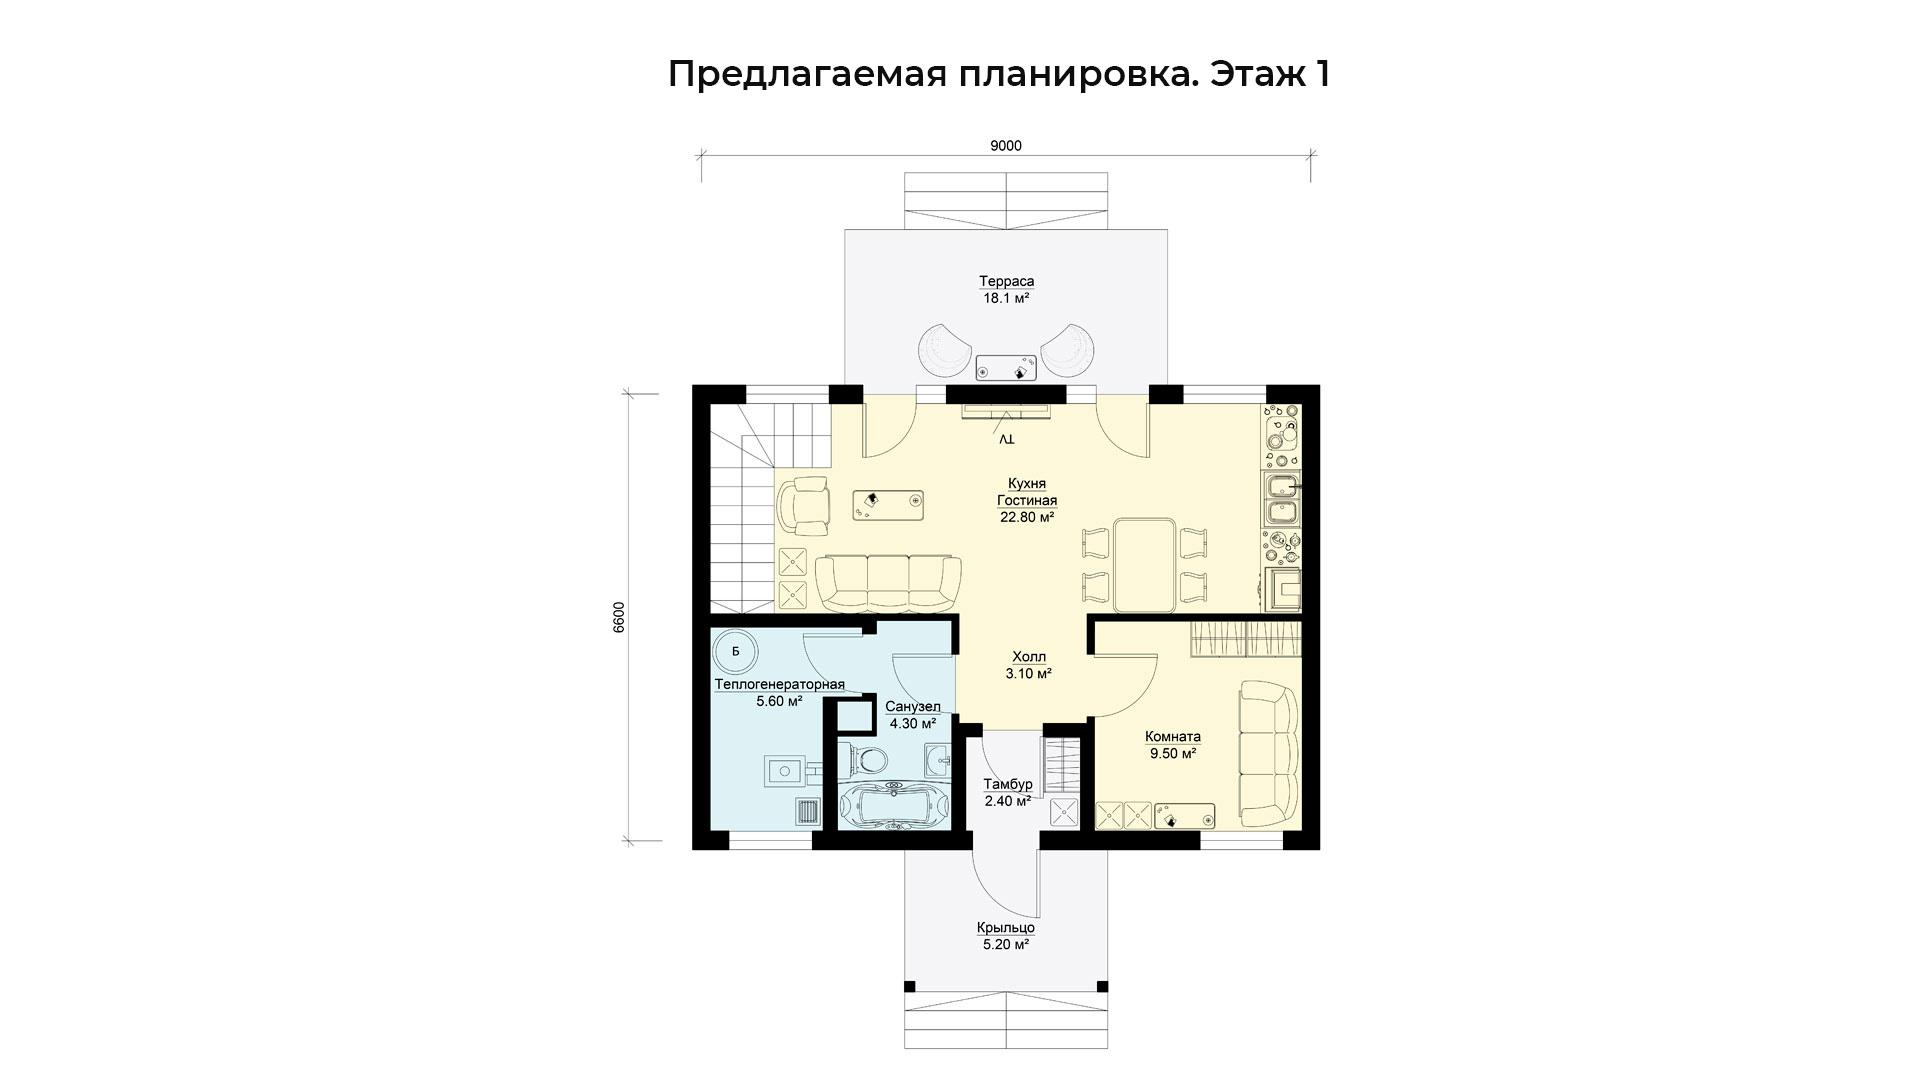 Предлагаемая планировка первого этажа коттеджа БП-105.